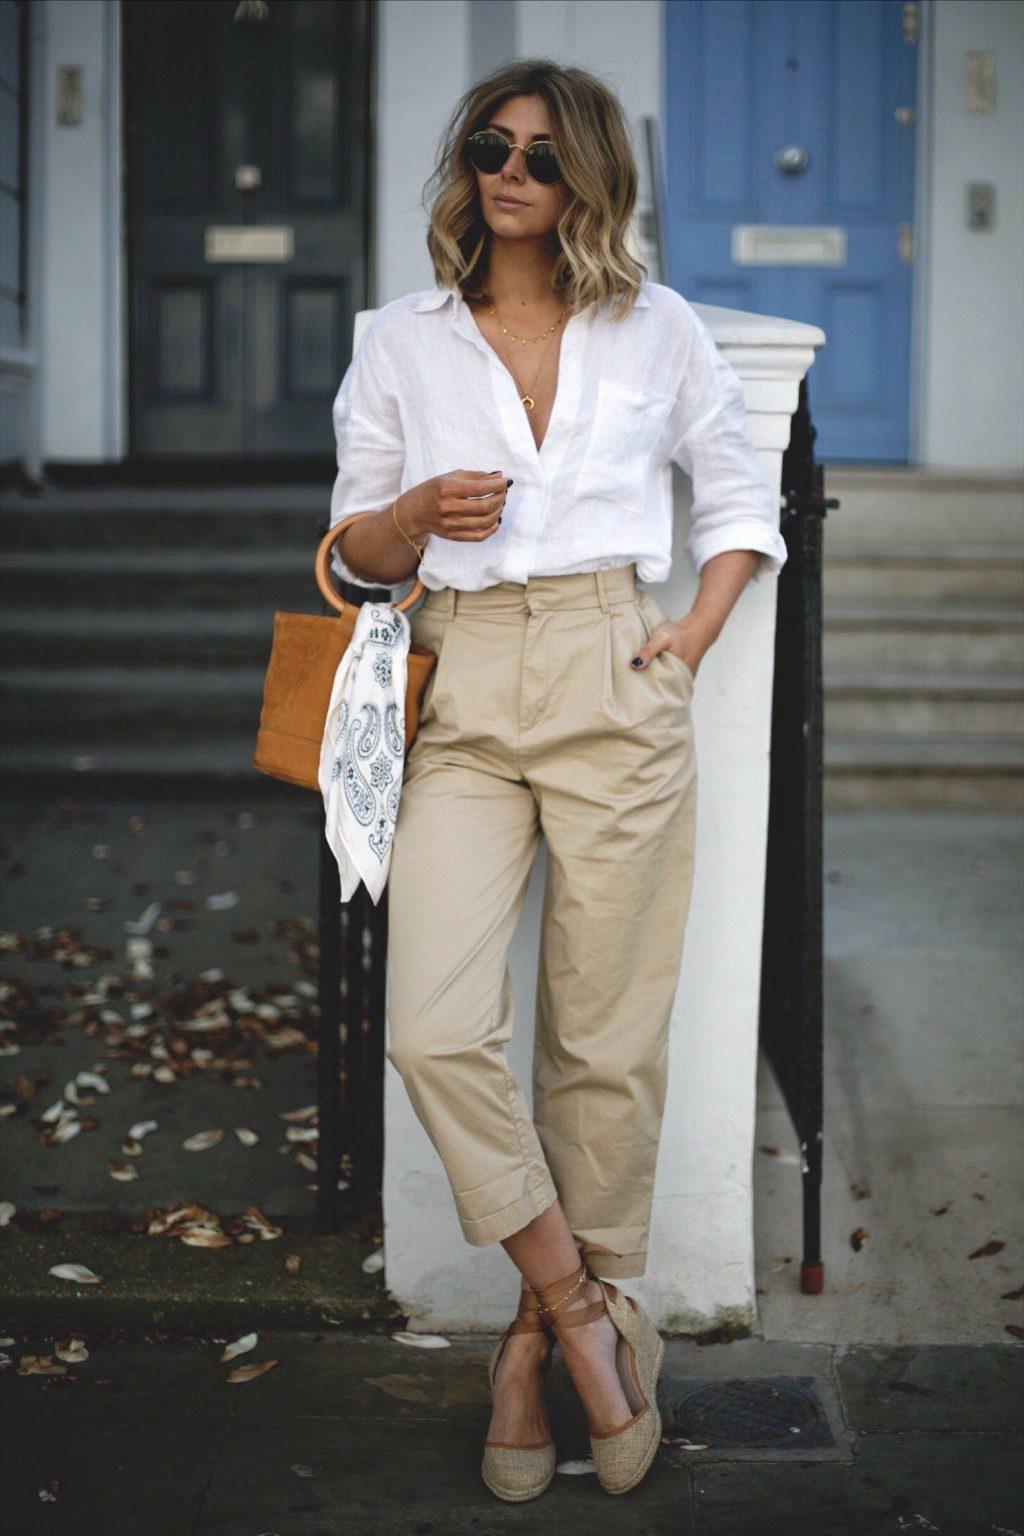 Áo sơ mi vải linen là lựa chọn hàng đầu cho các cô nàng công sở trong thời tiết mùa hè nắng nóng